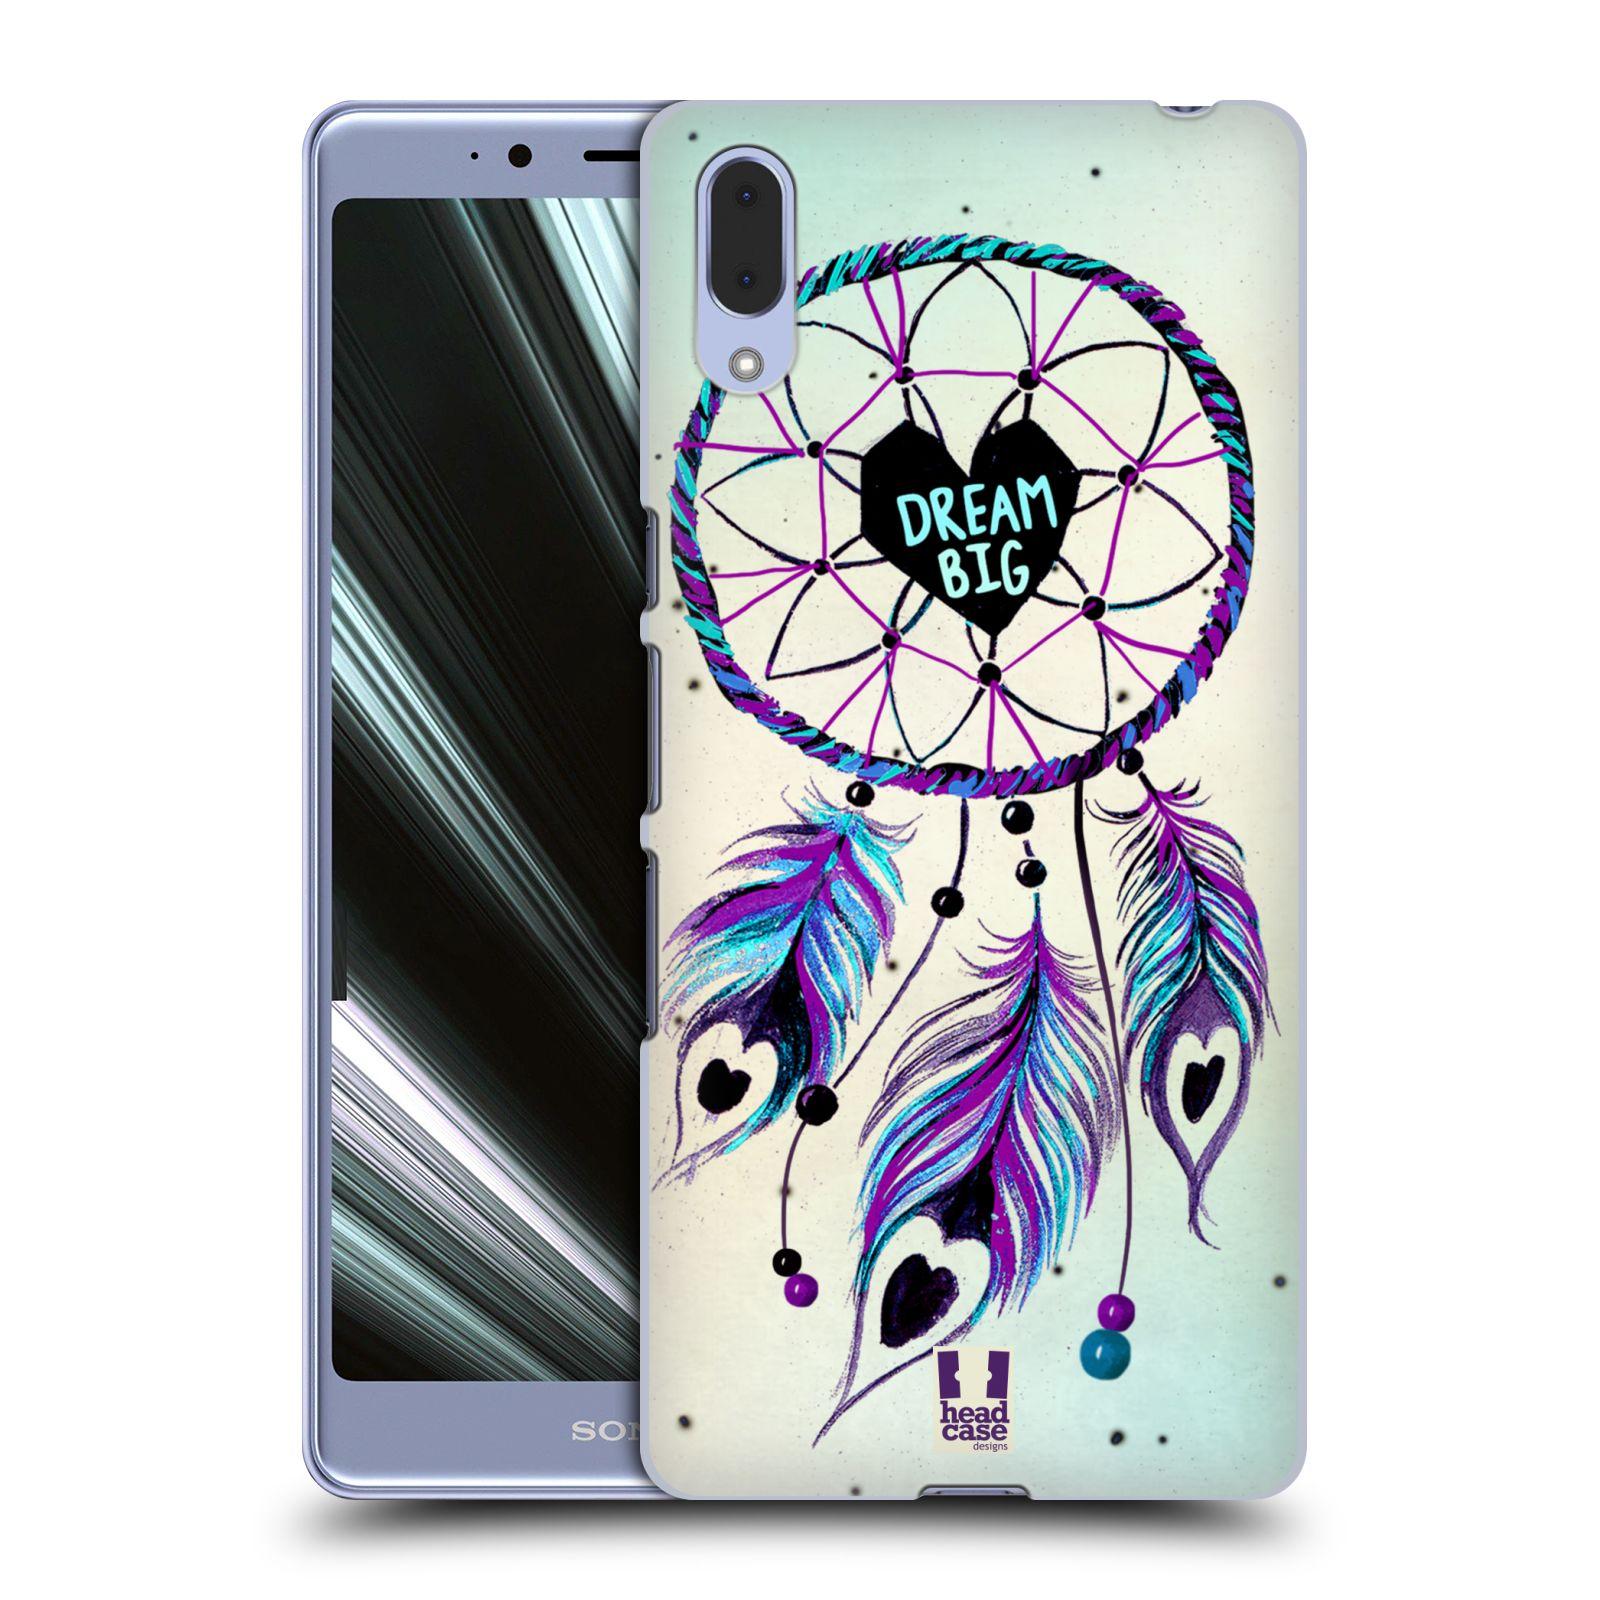 Plastové pouzdro na mobil Sony Xperia L3 - Head Case - Lapač Assorted Dream Big Srdce